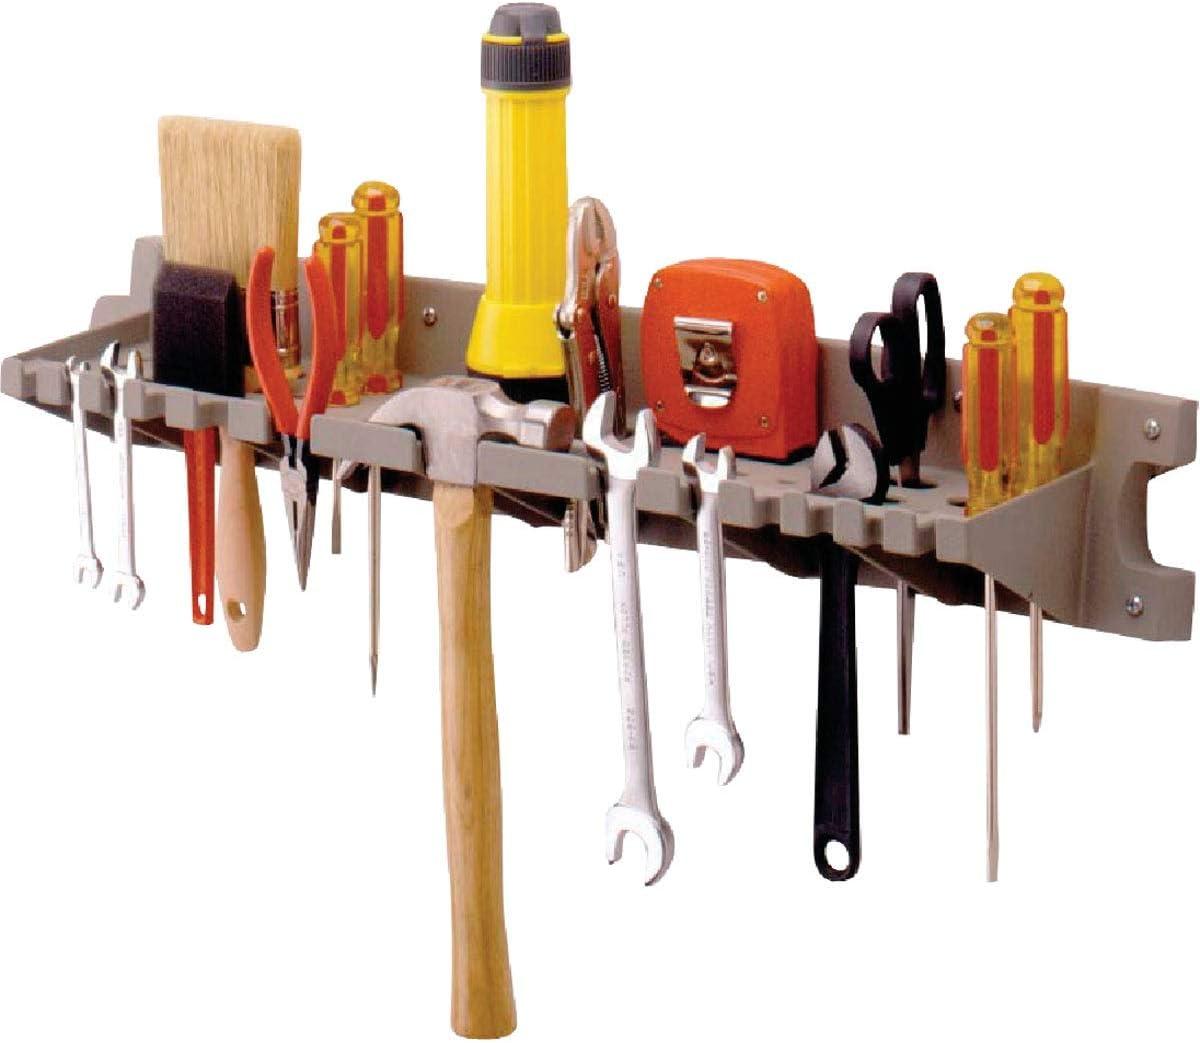 SUNCAST V772 Hand Tool Organizer, 2'